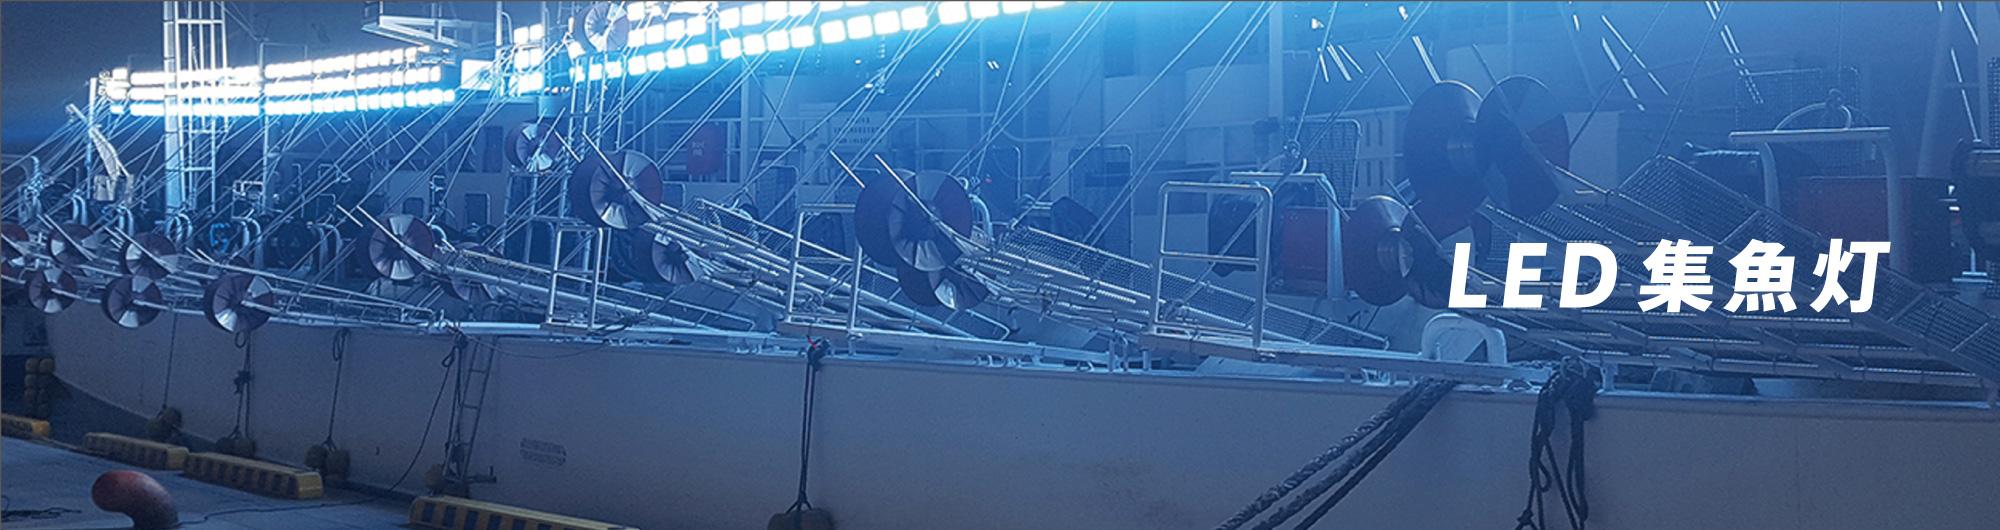 軽量超高輝度LED水冷式集魚灯による 省エネルギー化を実現 エネルギー効率のよい「LED集魚灯」で 漁船の省エネルギー化による費用とCO2の削減につながります